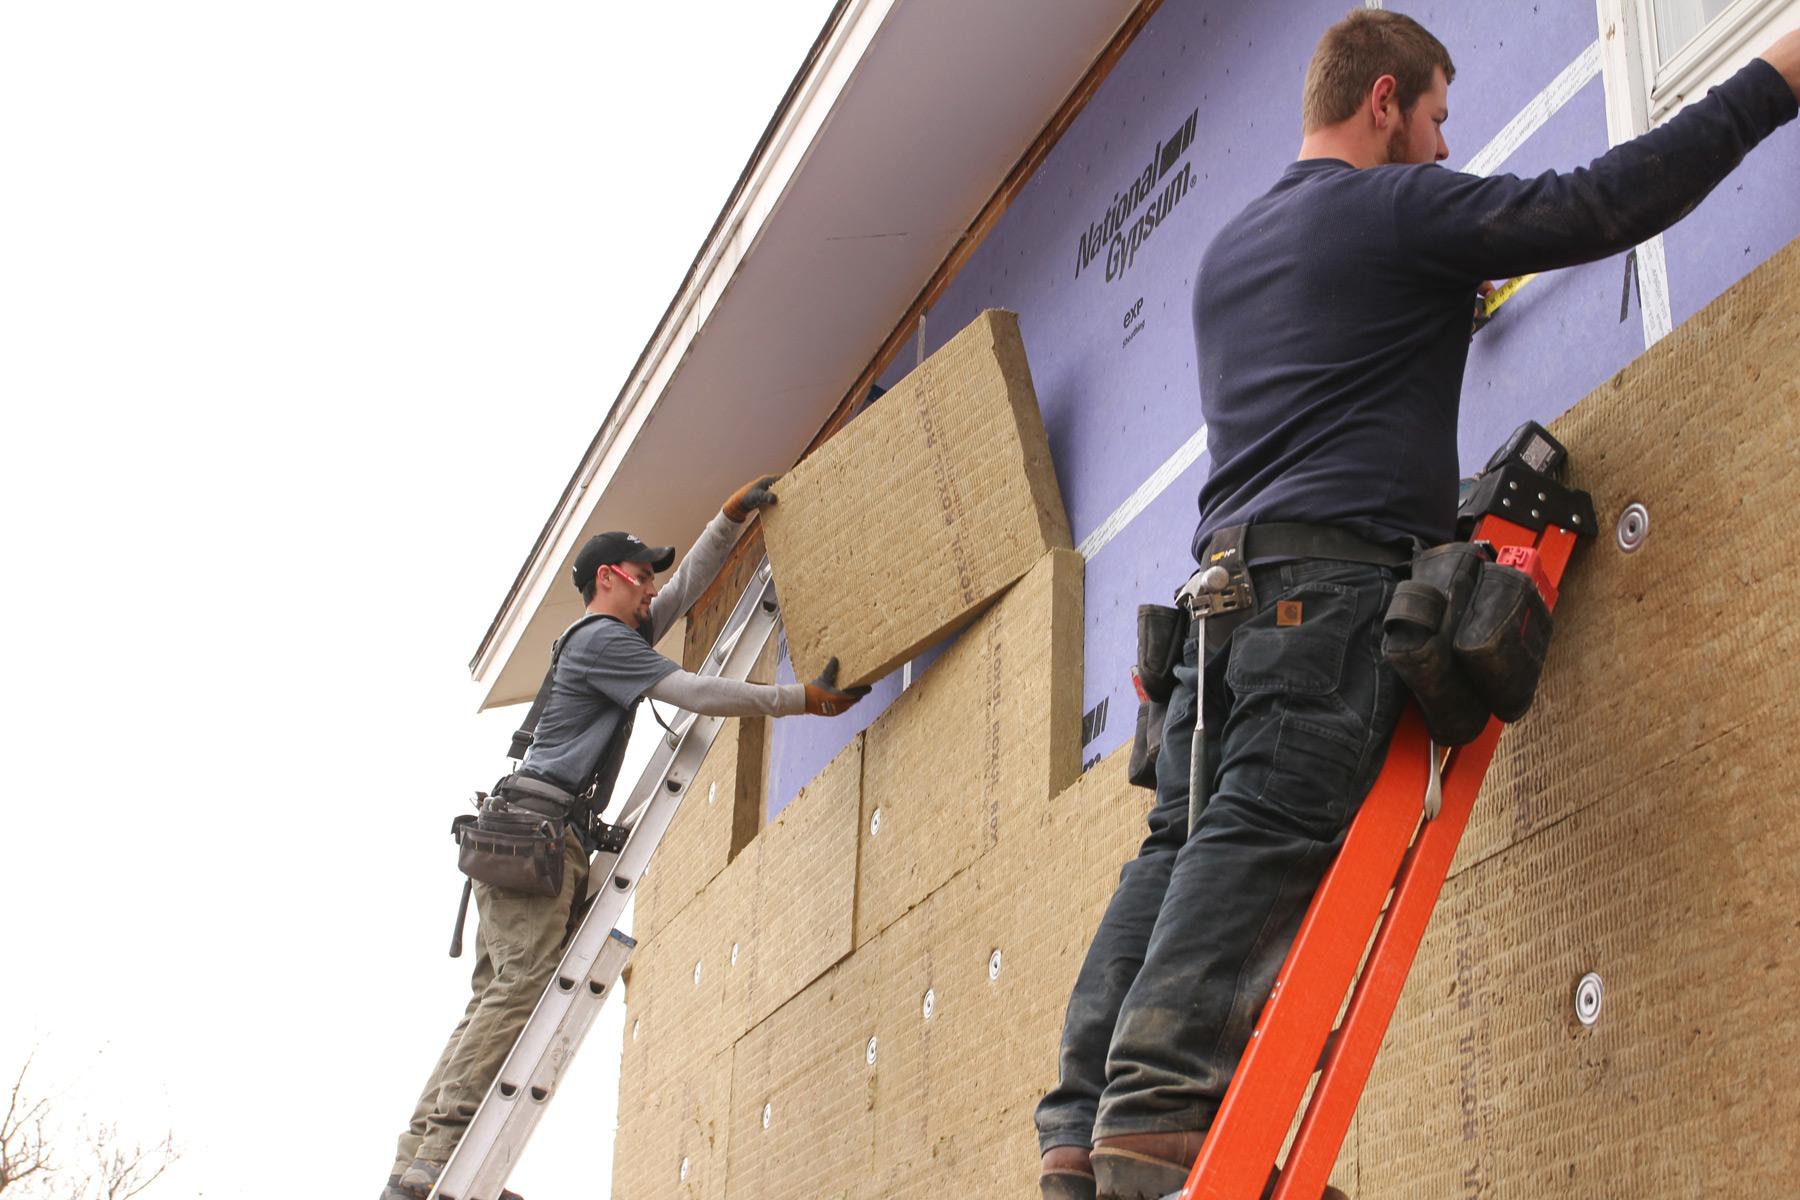 HighPerformance Insulated Wall Retrofits  JLC Online  EnergyEfficient Construction